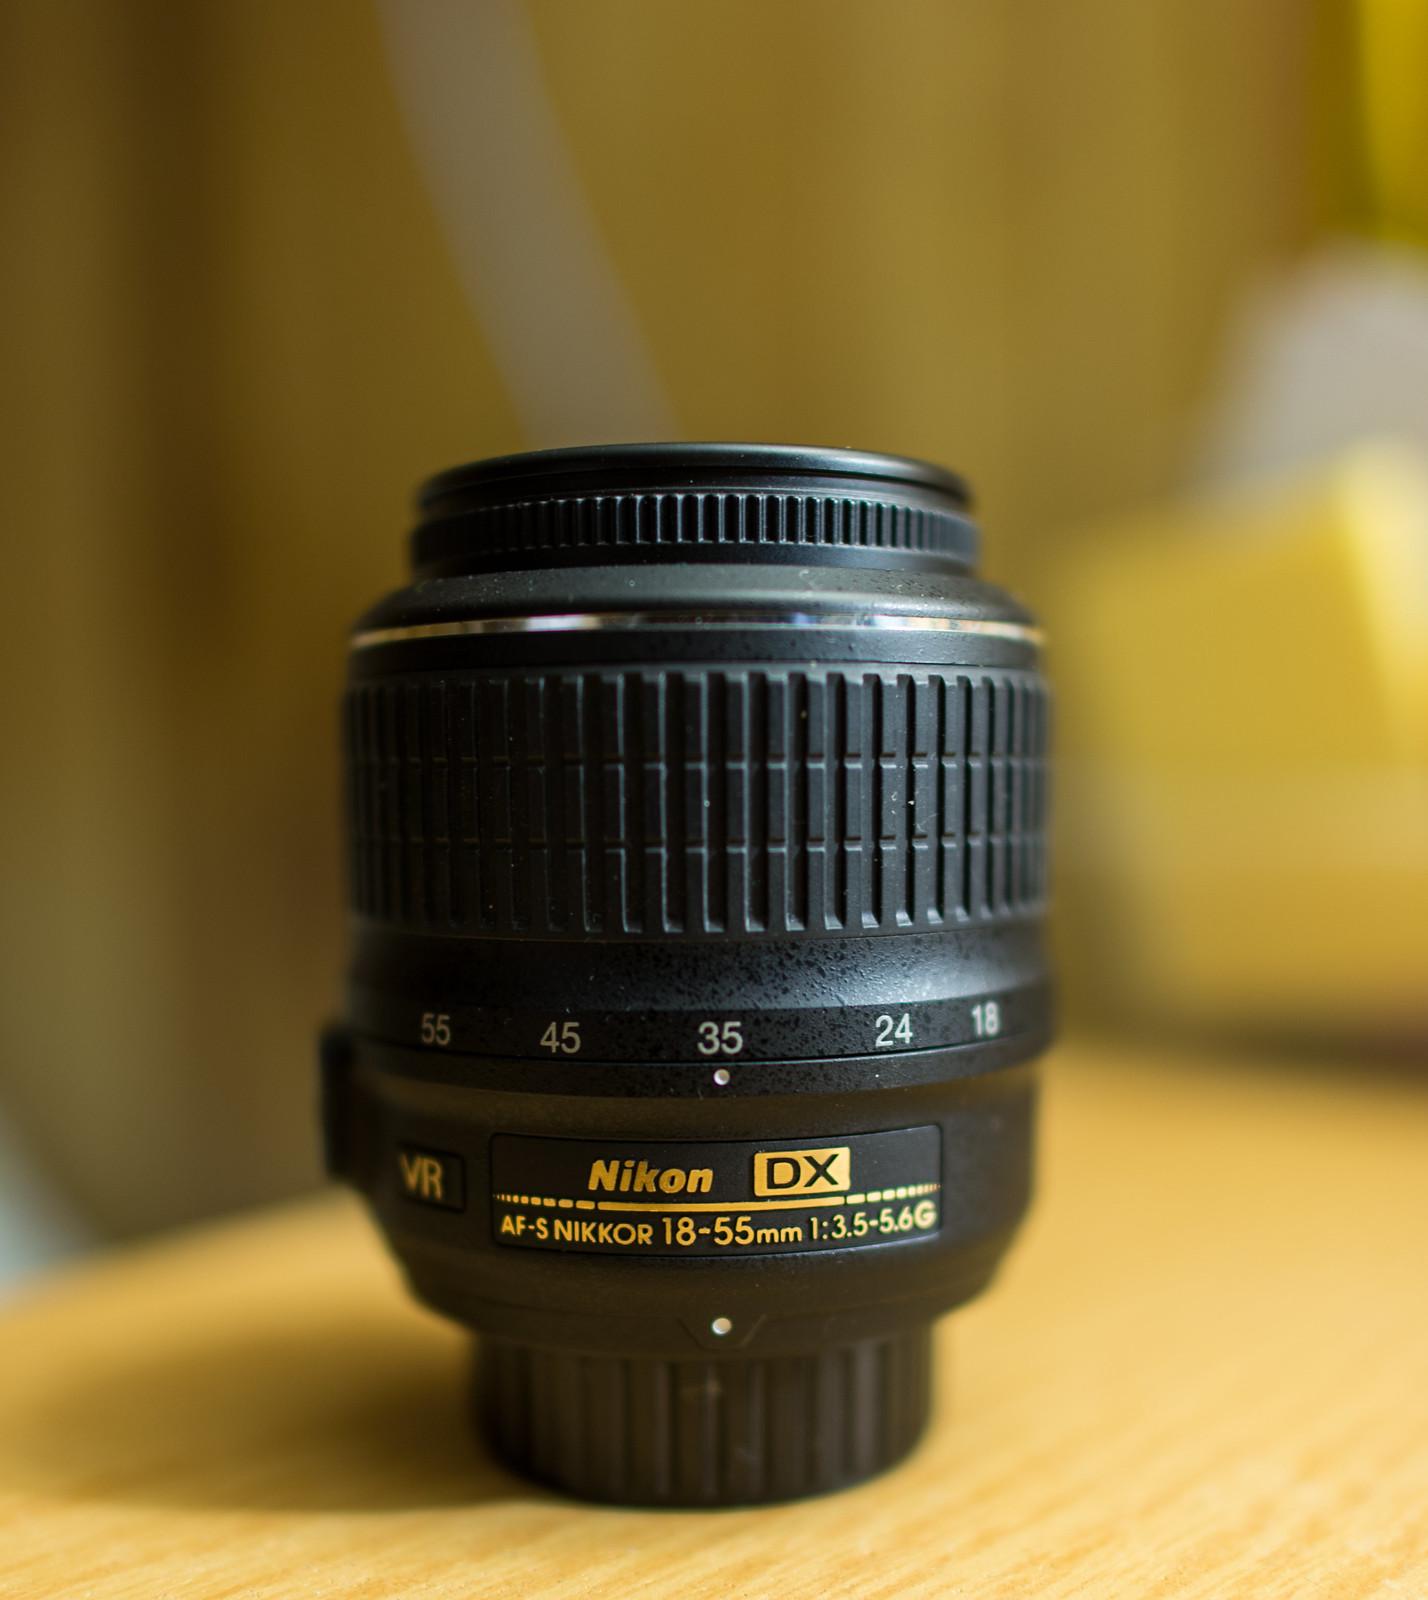 The Kit Lens